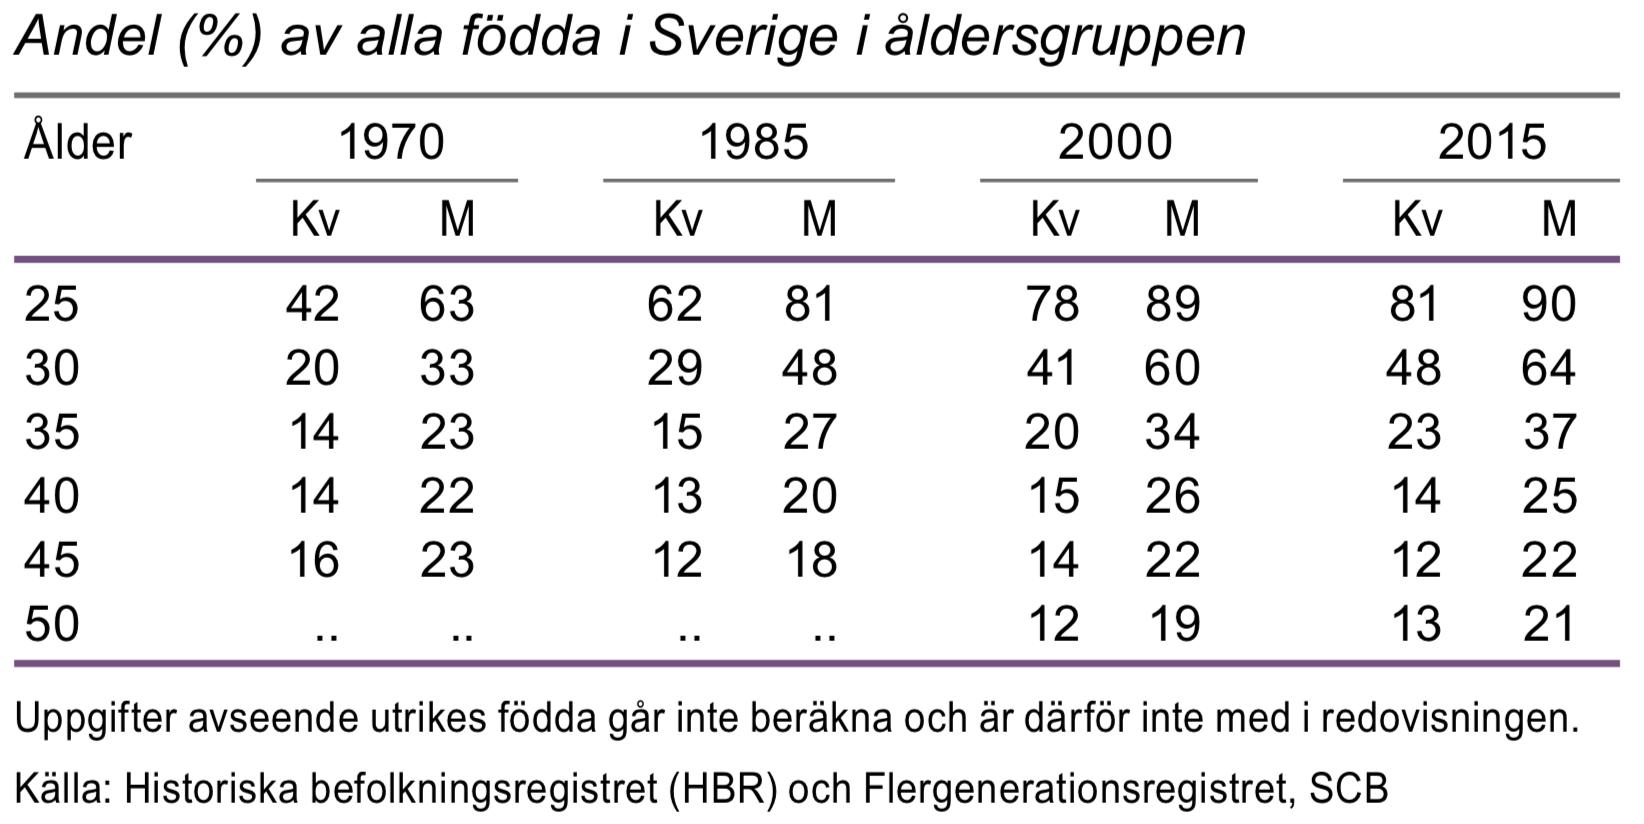 Barnlösa efter ålder 1970, 1985, 1995 och 2015